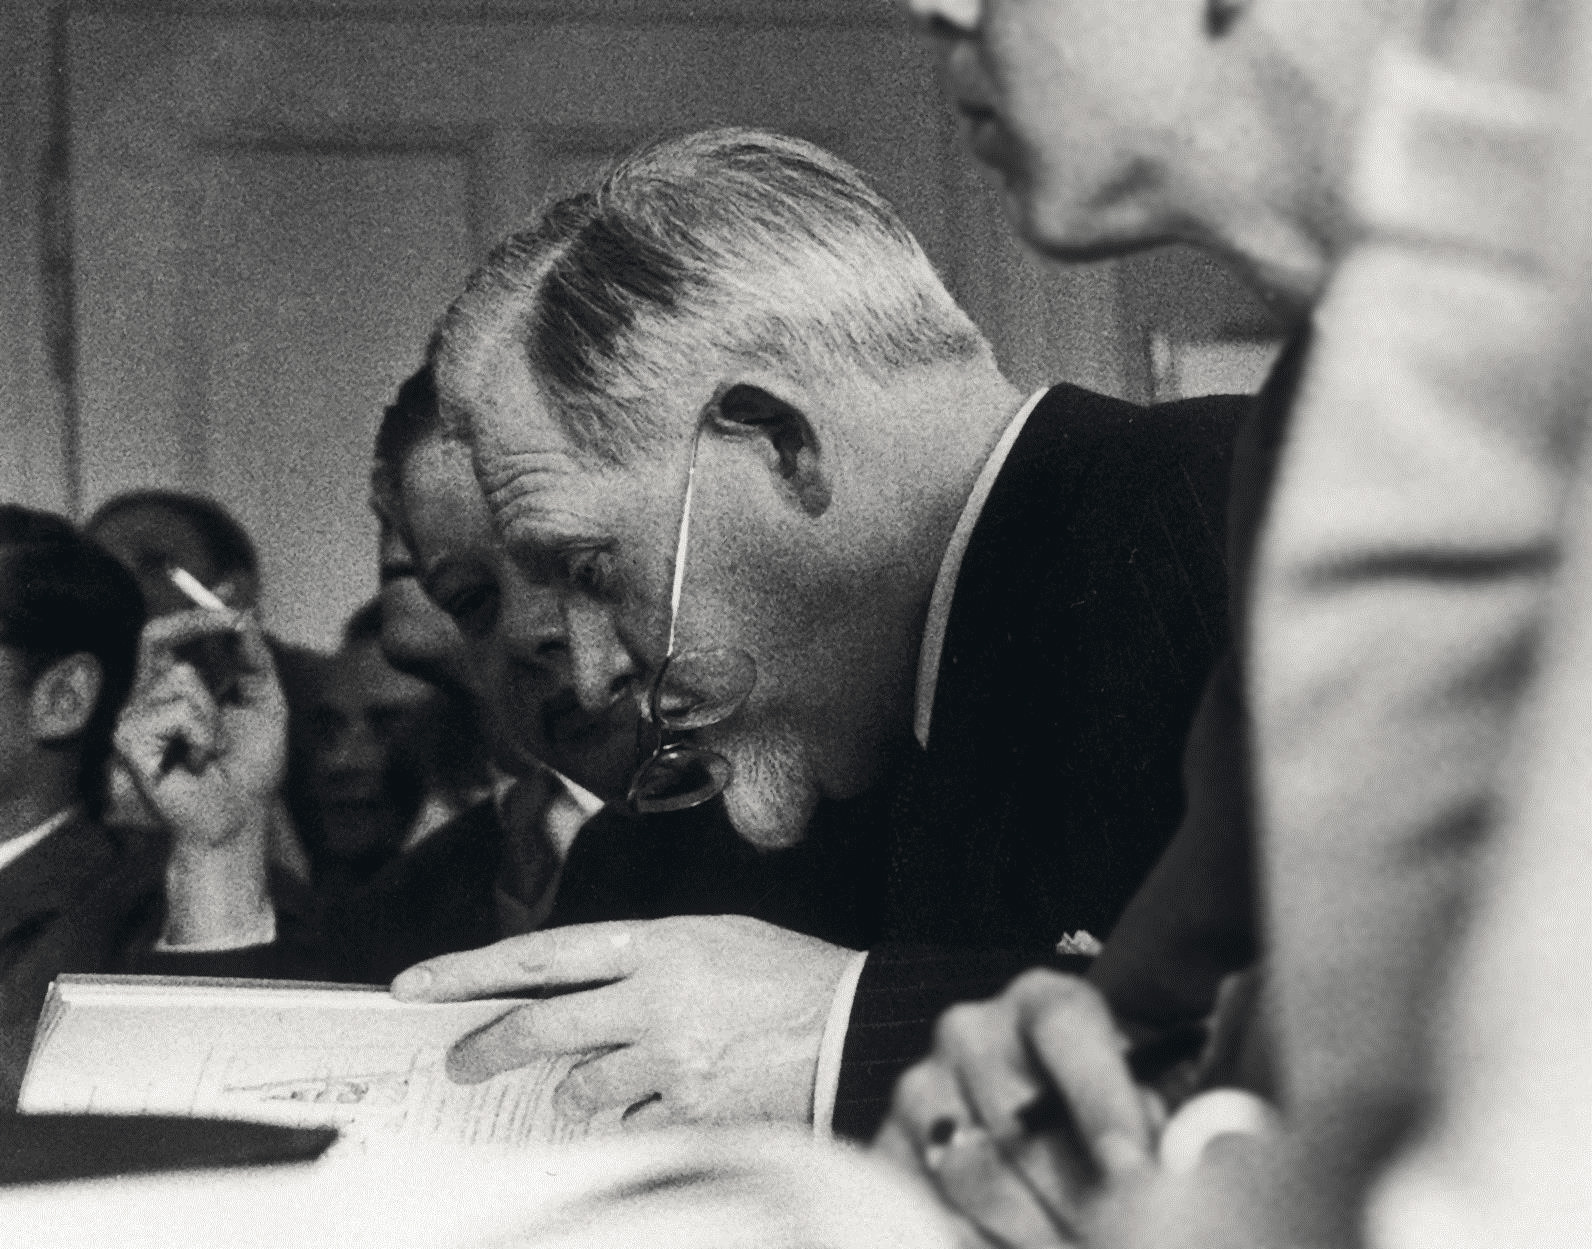 Henri M.Petiet en 1955, lors d'une vente d'estampes chez Kornfeld, à Berne. dr